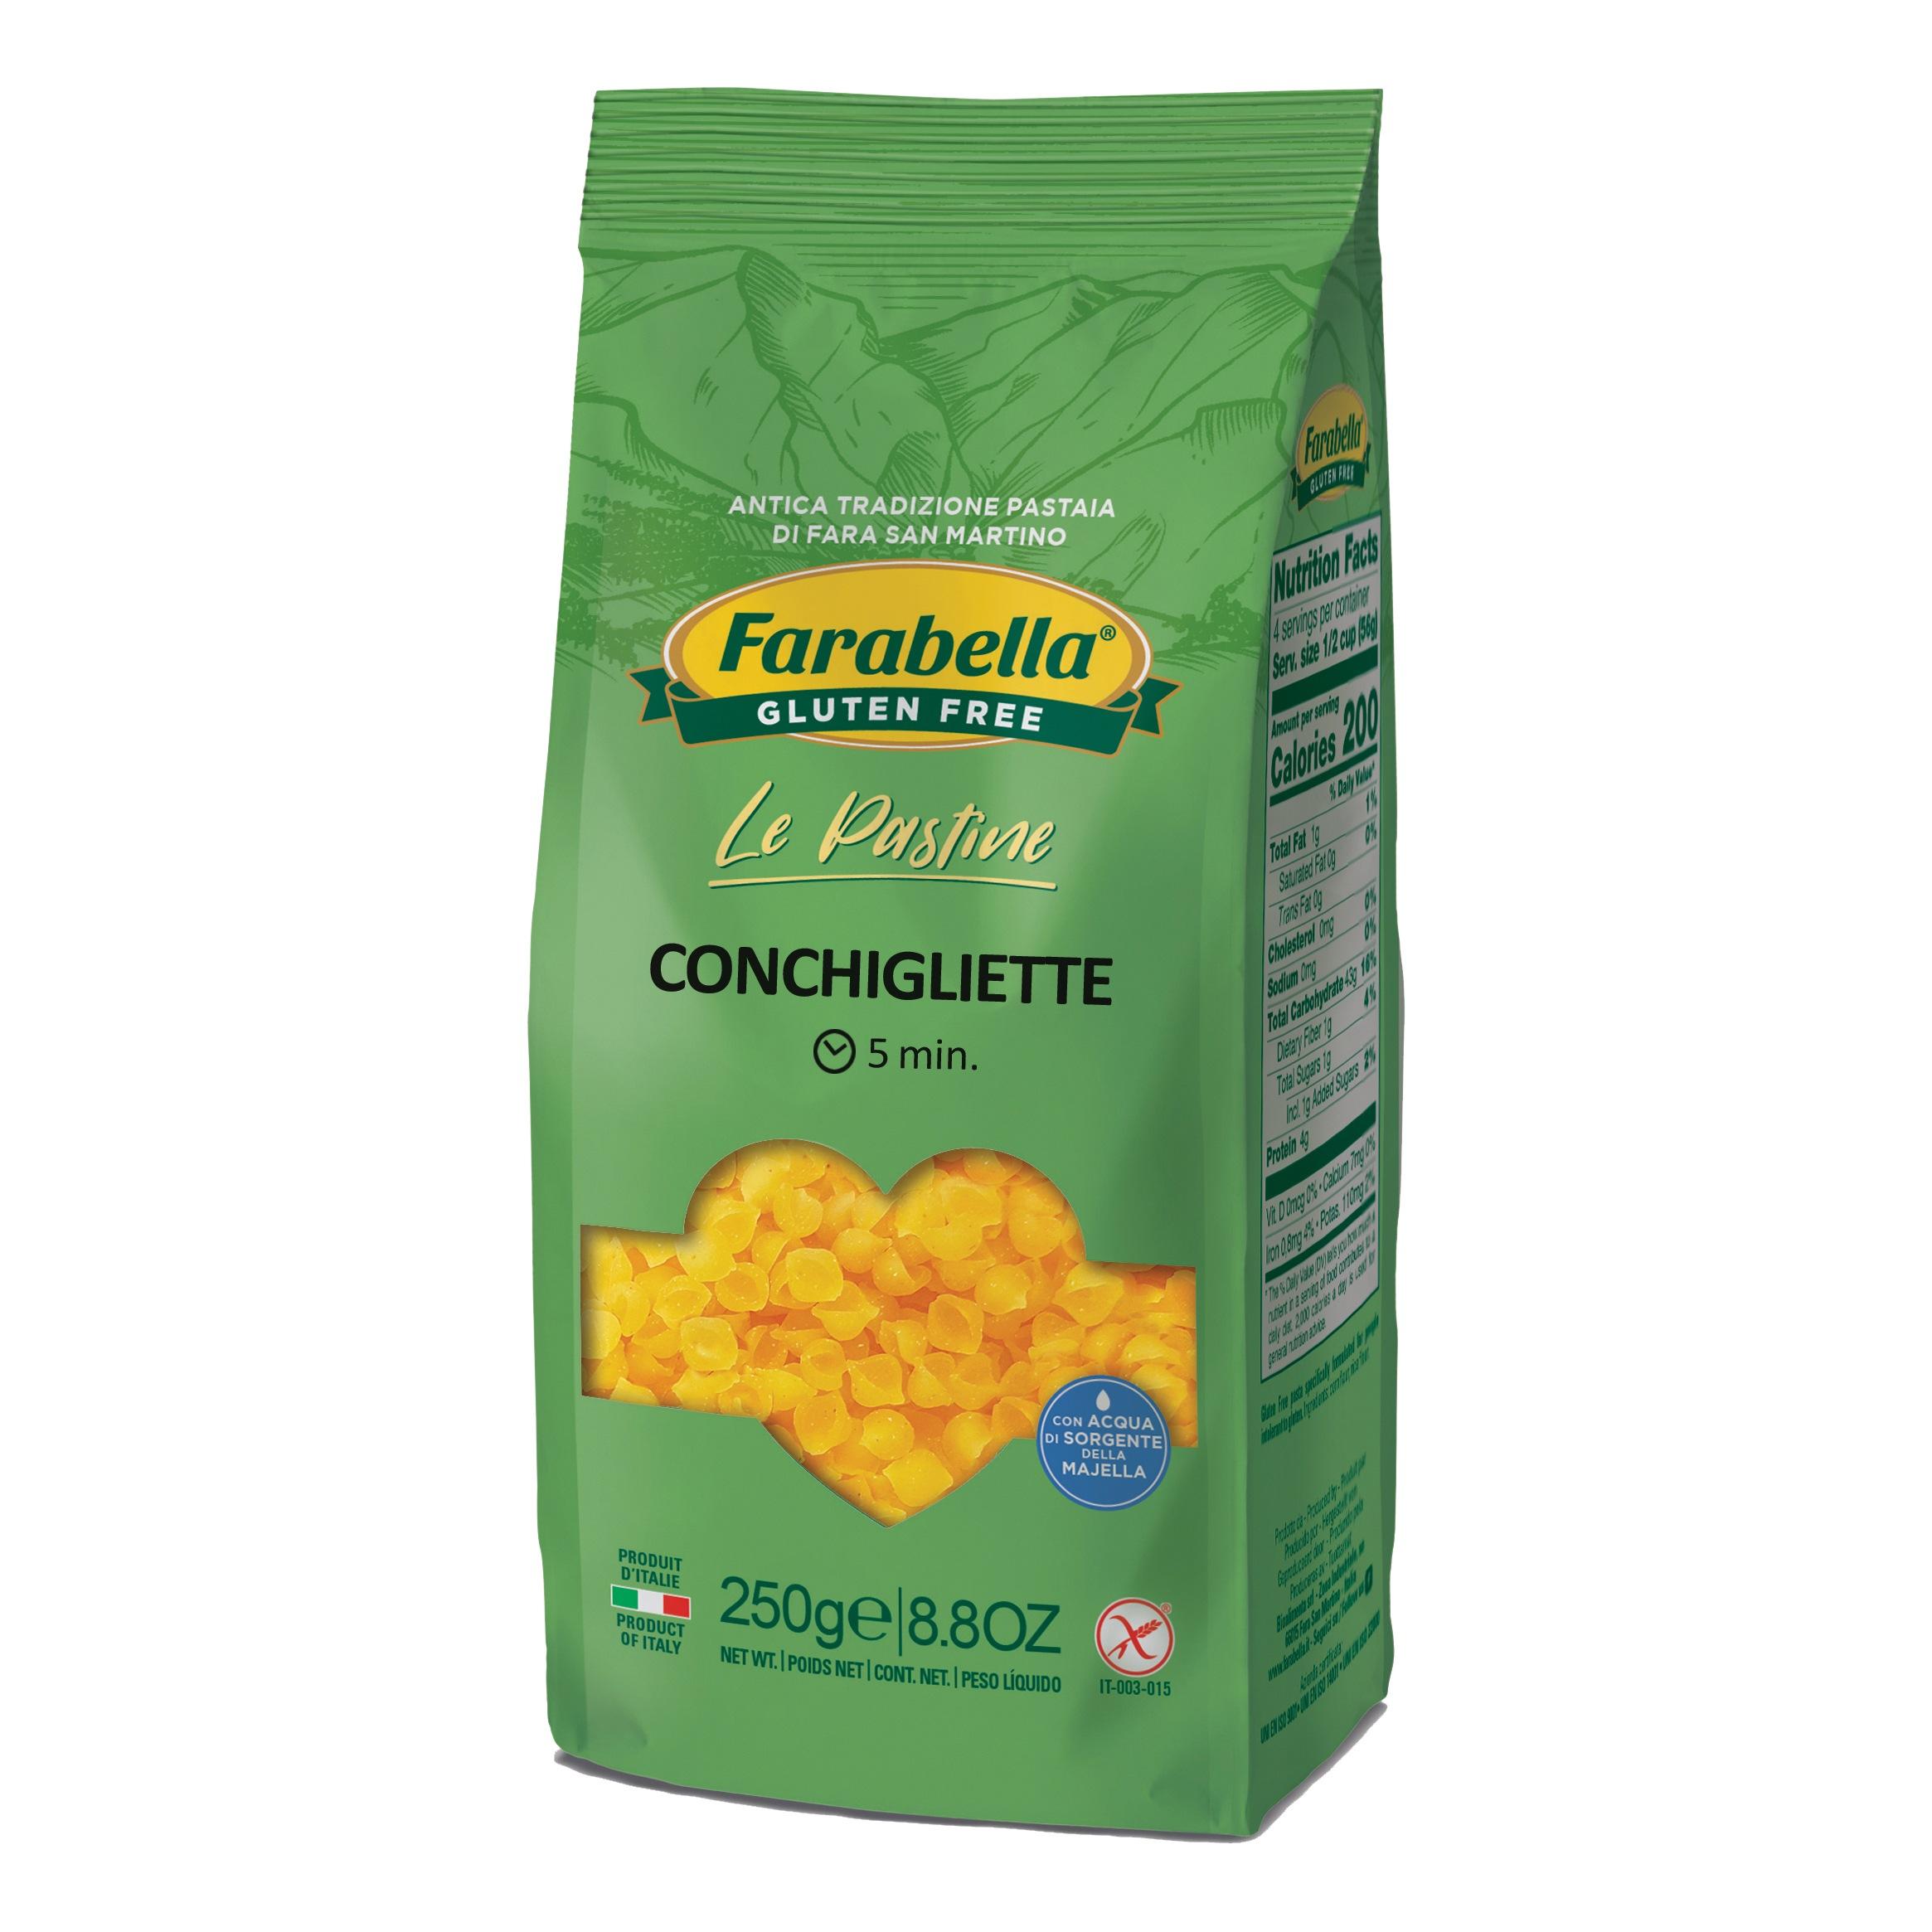 Conchigliette farabella senza glutine e senza lattosio